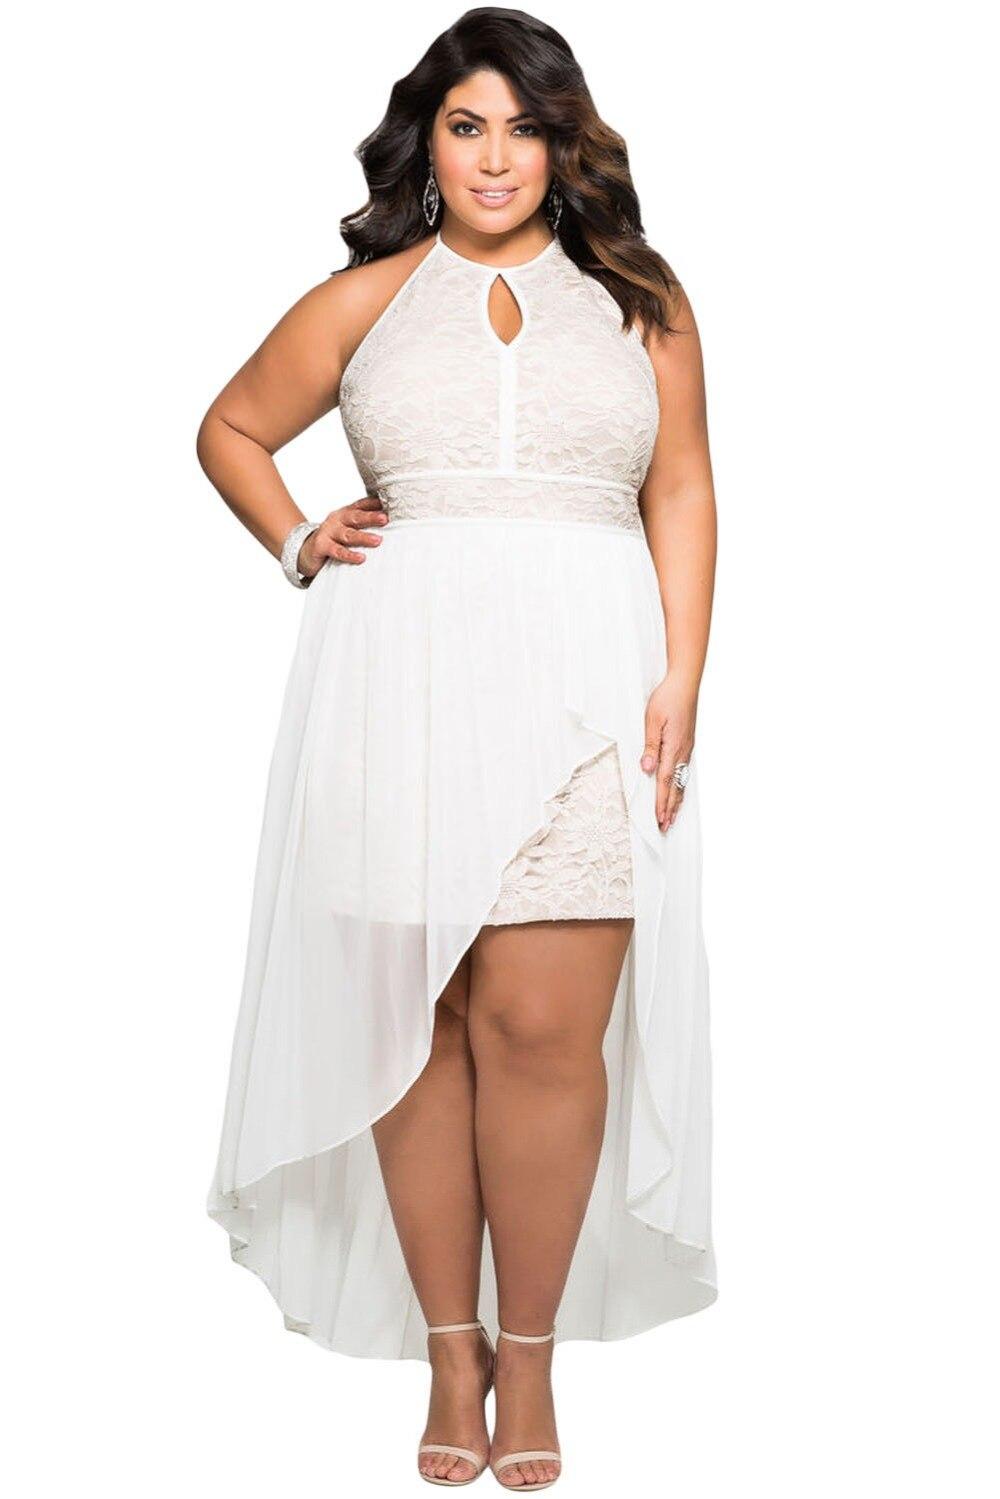 2018 Stylish Lace Special Occasion Plus Size Dress Big Size Xxxl